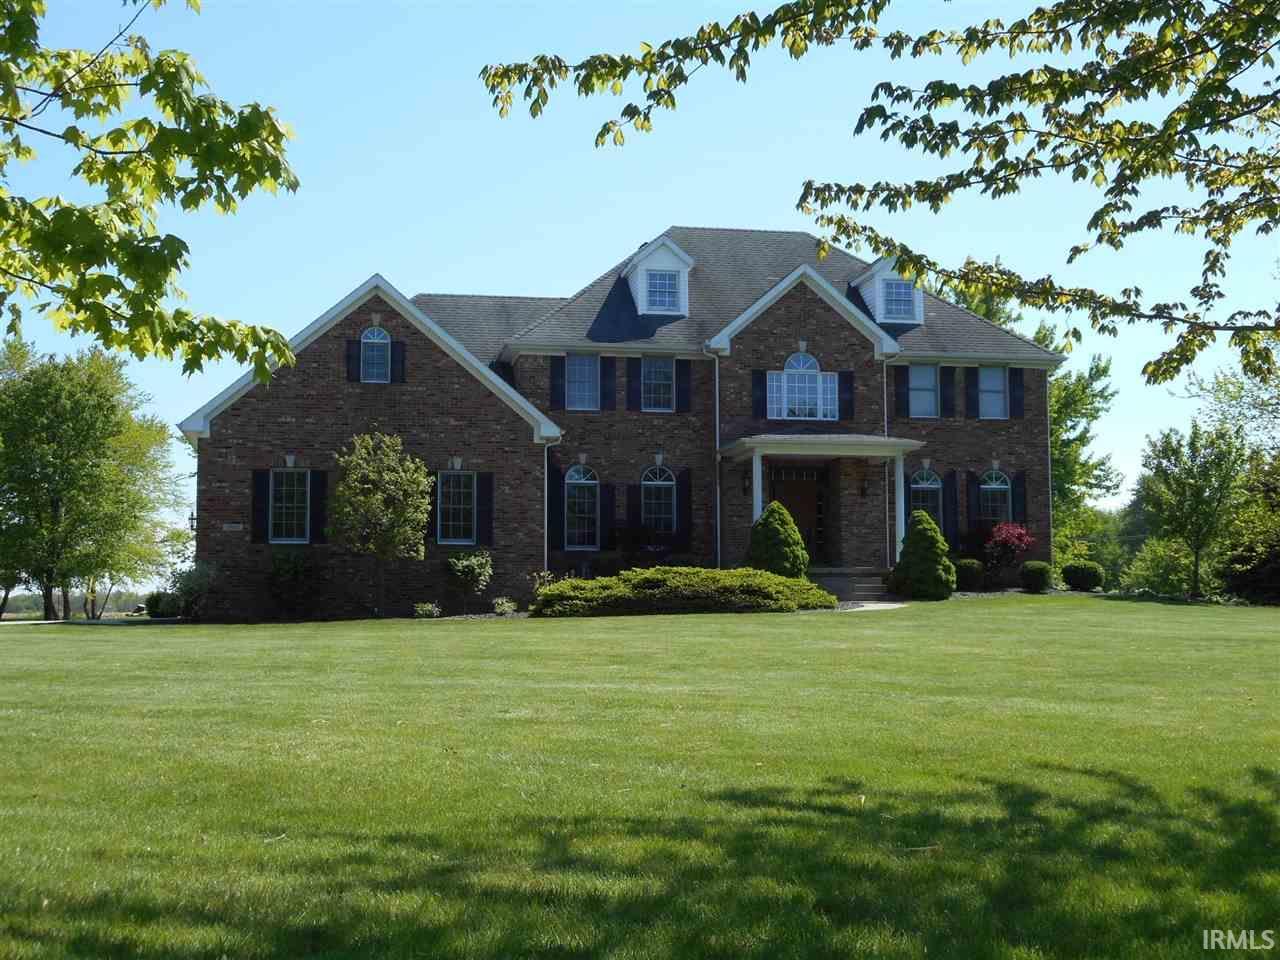 7901 W York Prairie Way, Muncie, IN 47304